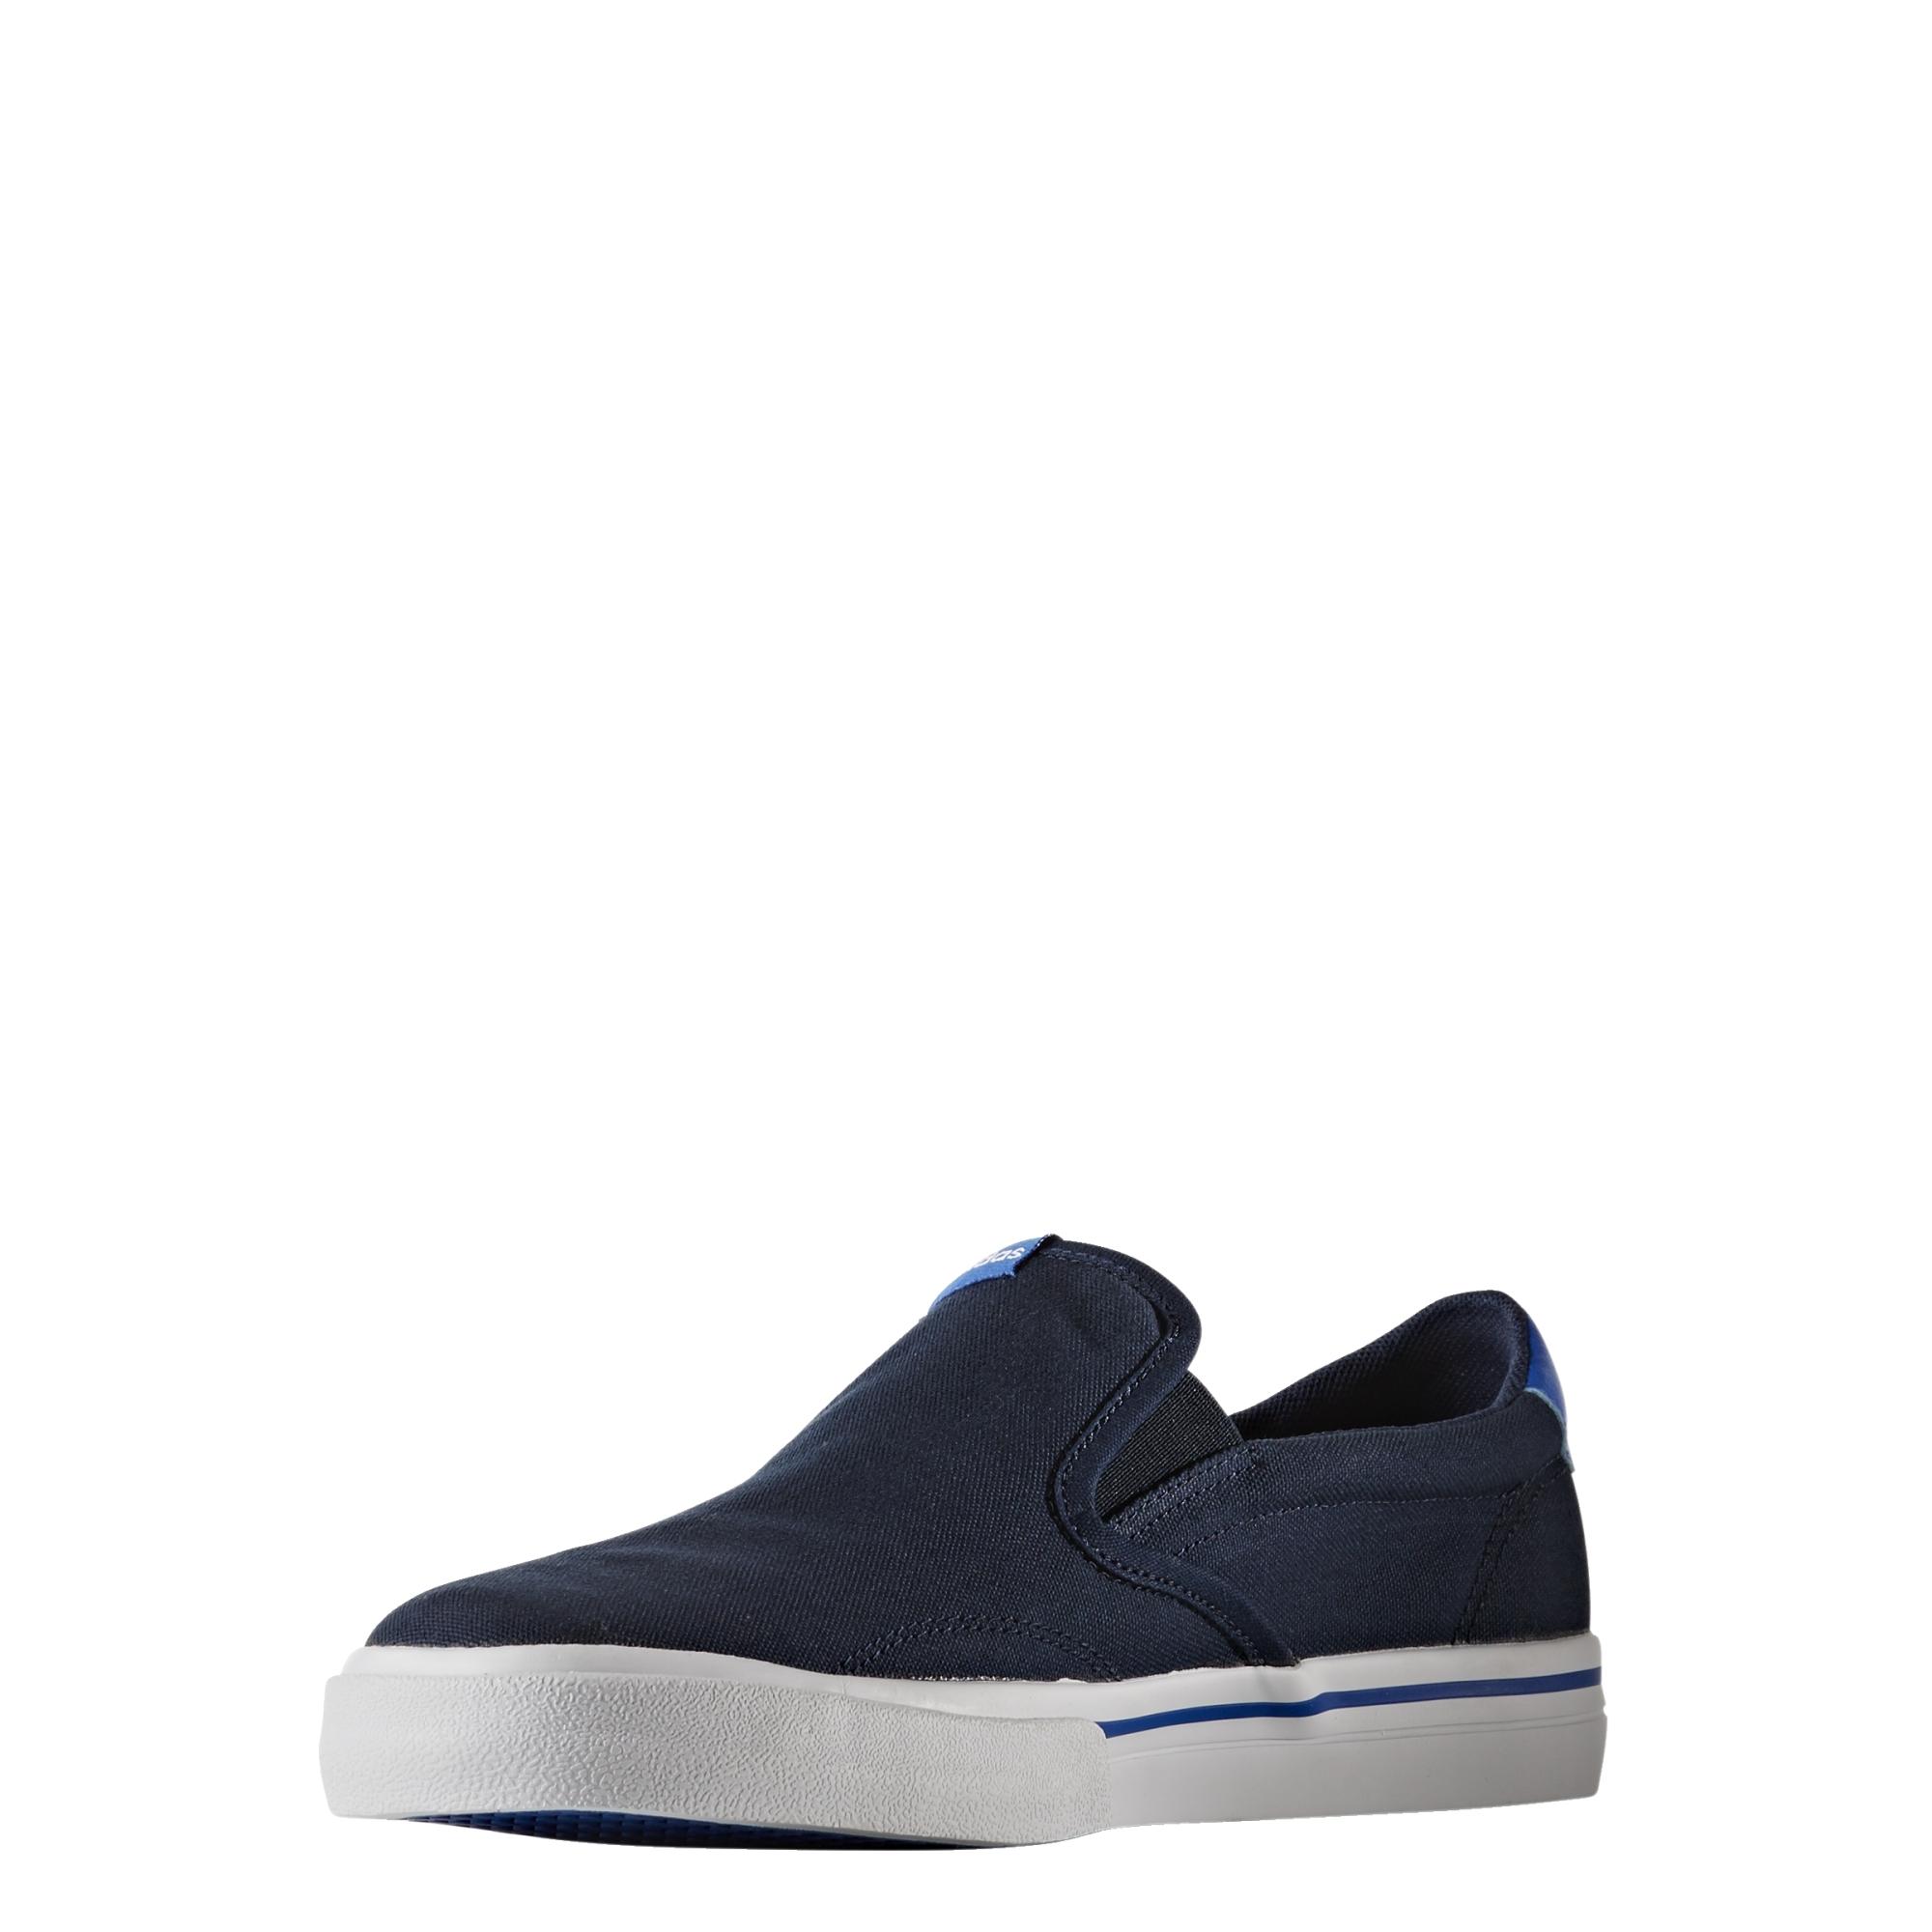 11cc89917 Adidas GVP SO modré | Športové oblečenie a športové potreby - STYLE ...